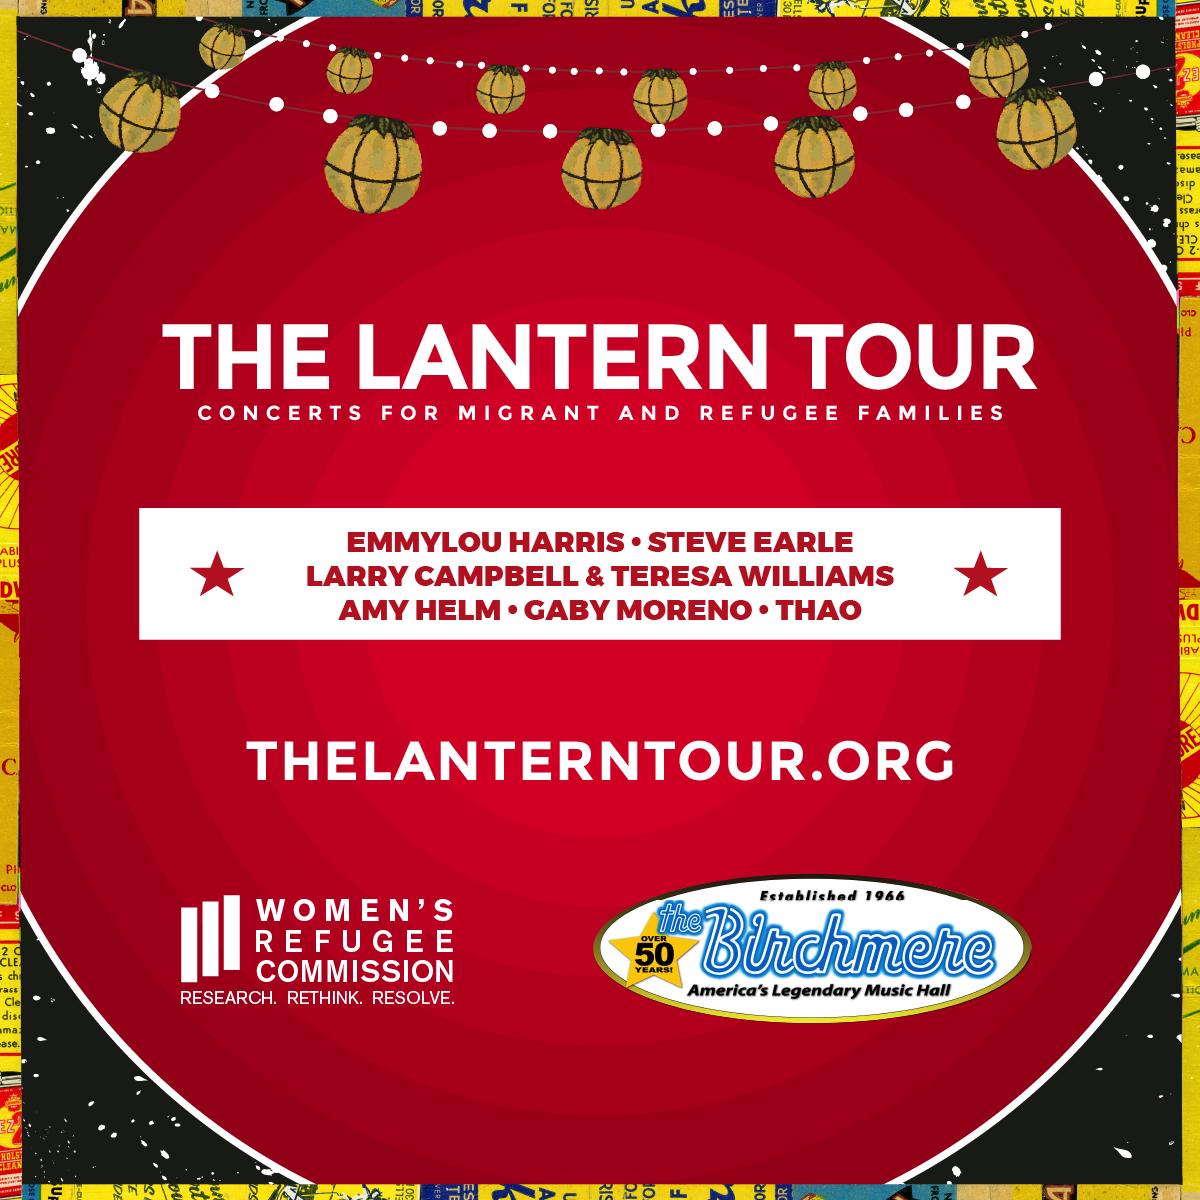 The Lantern Tour